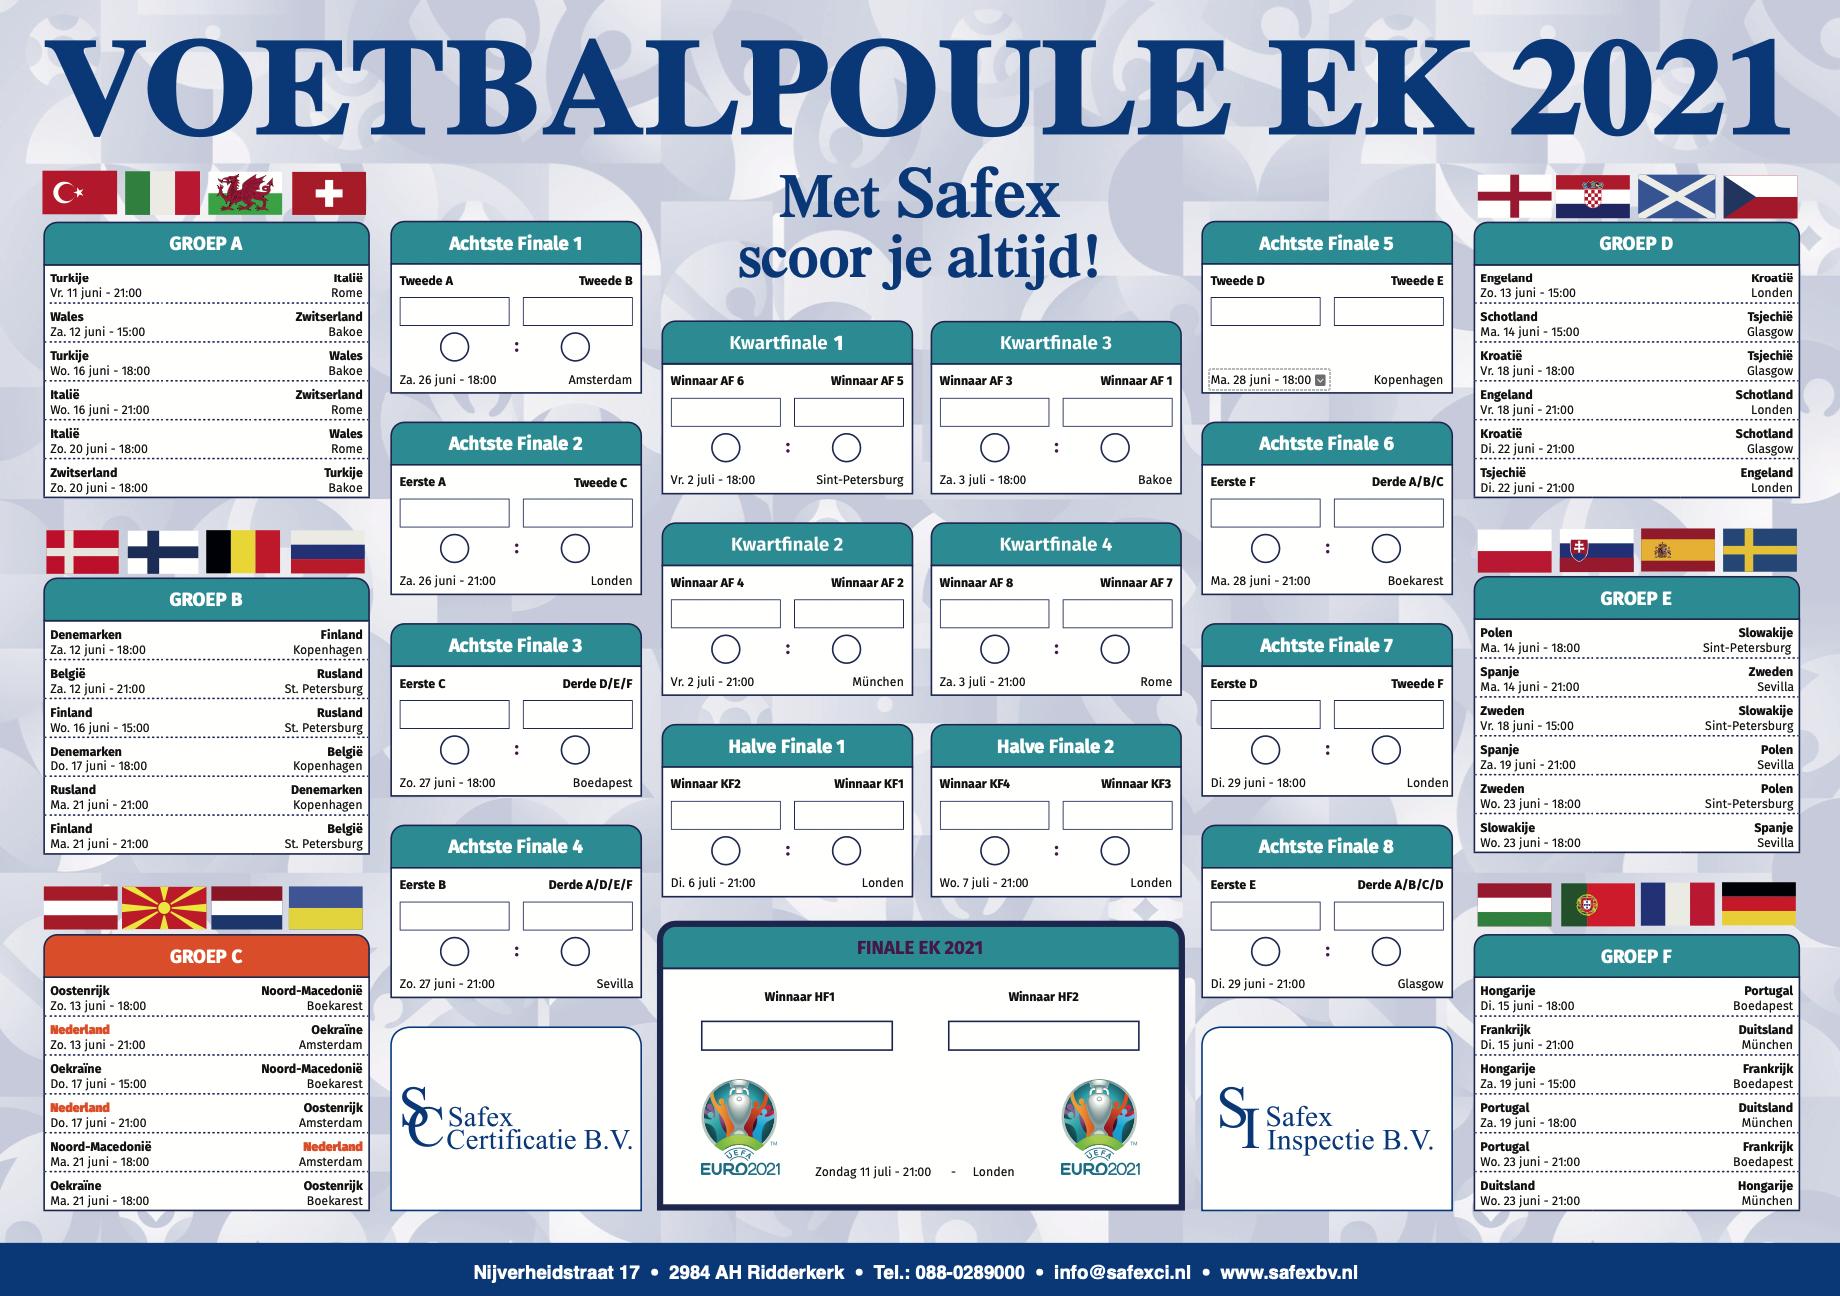 Safex EK 2021 voetbalpoule